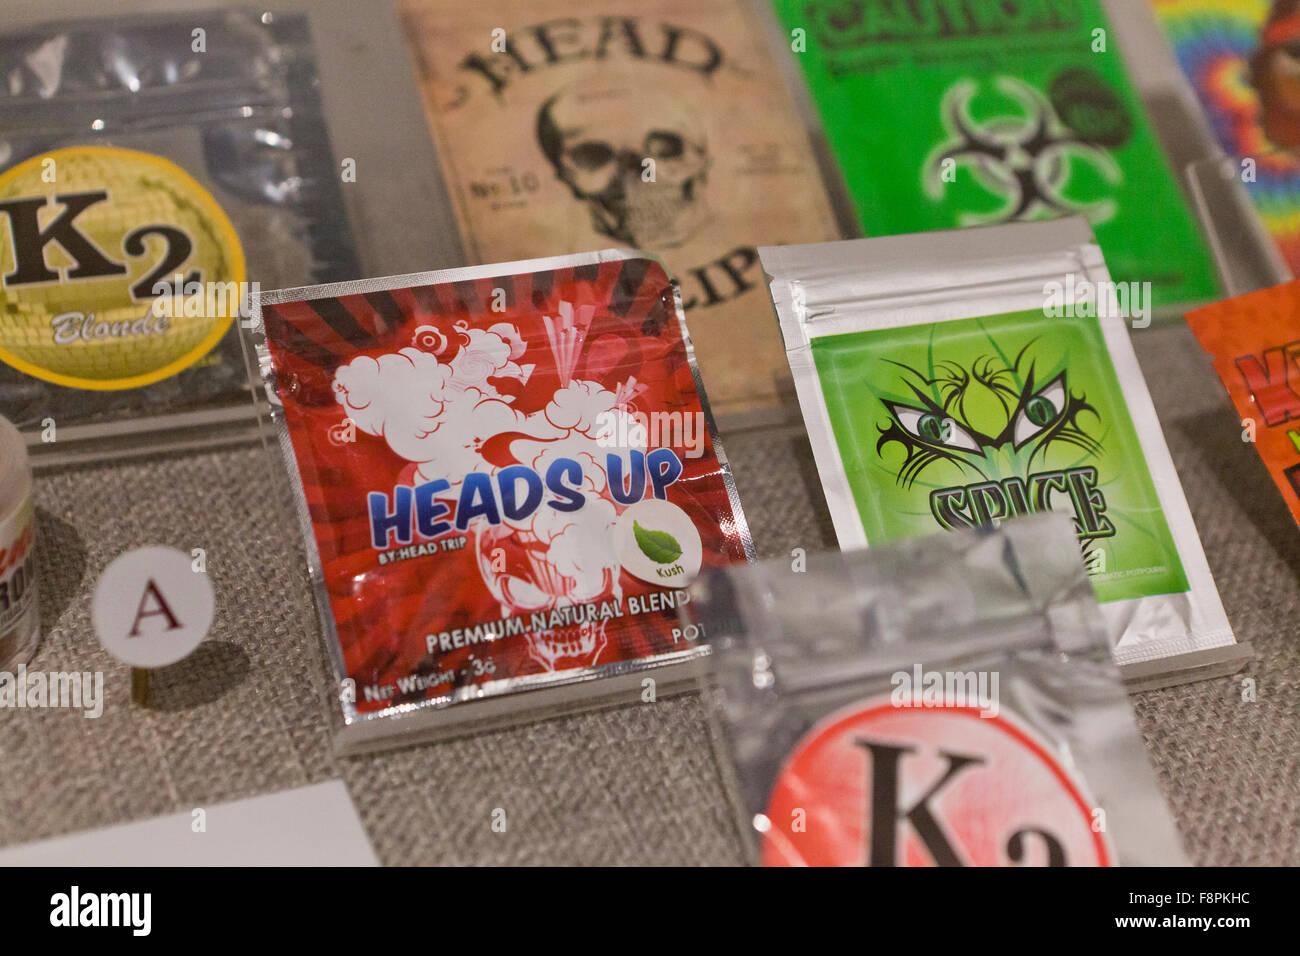 Heads Up popurrí de hierbas incienso (AKA cannabis sintético) - EE.UU. Imagen De Stock